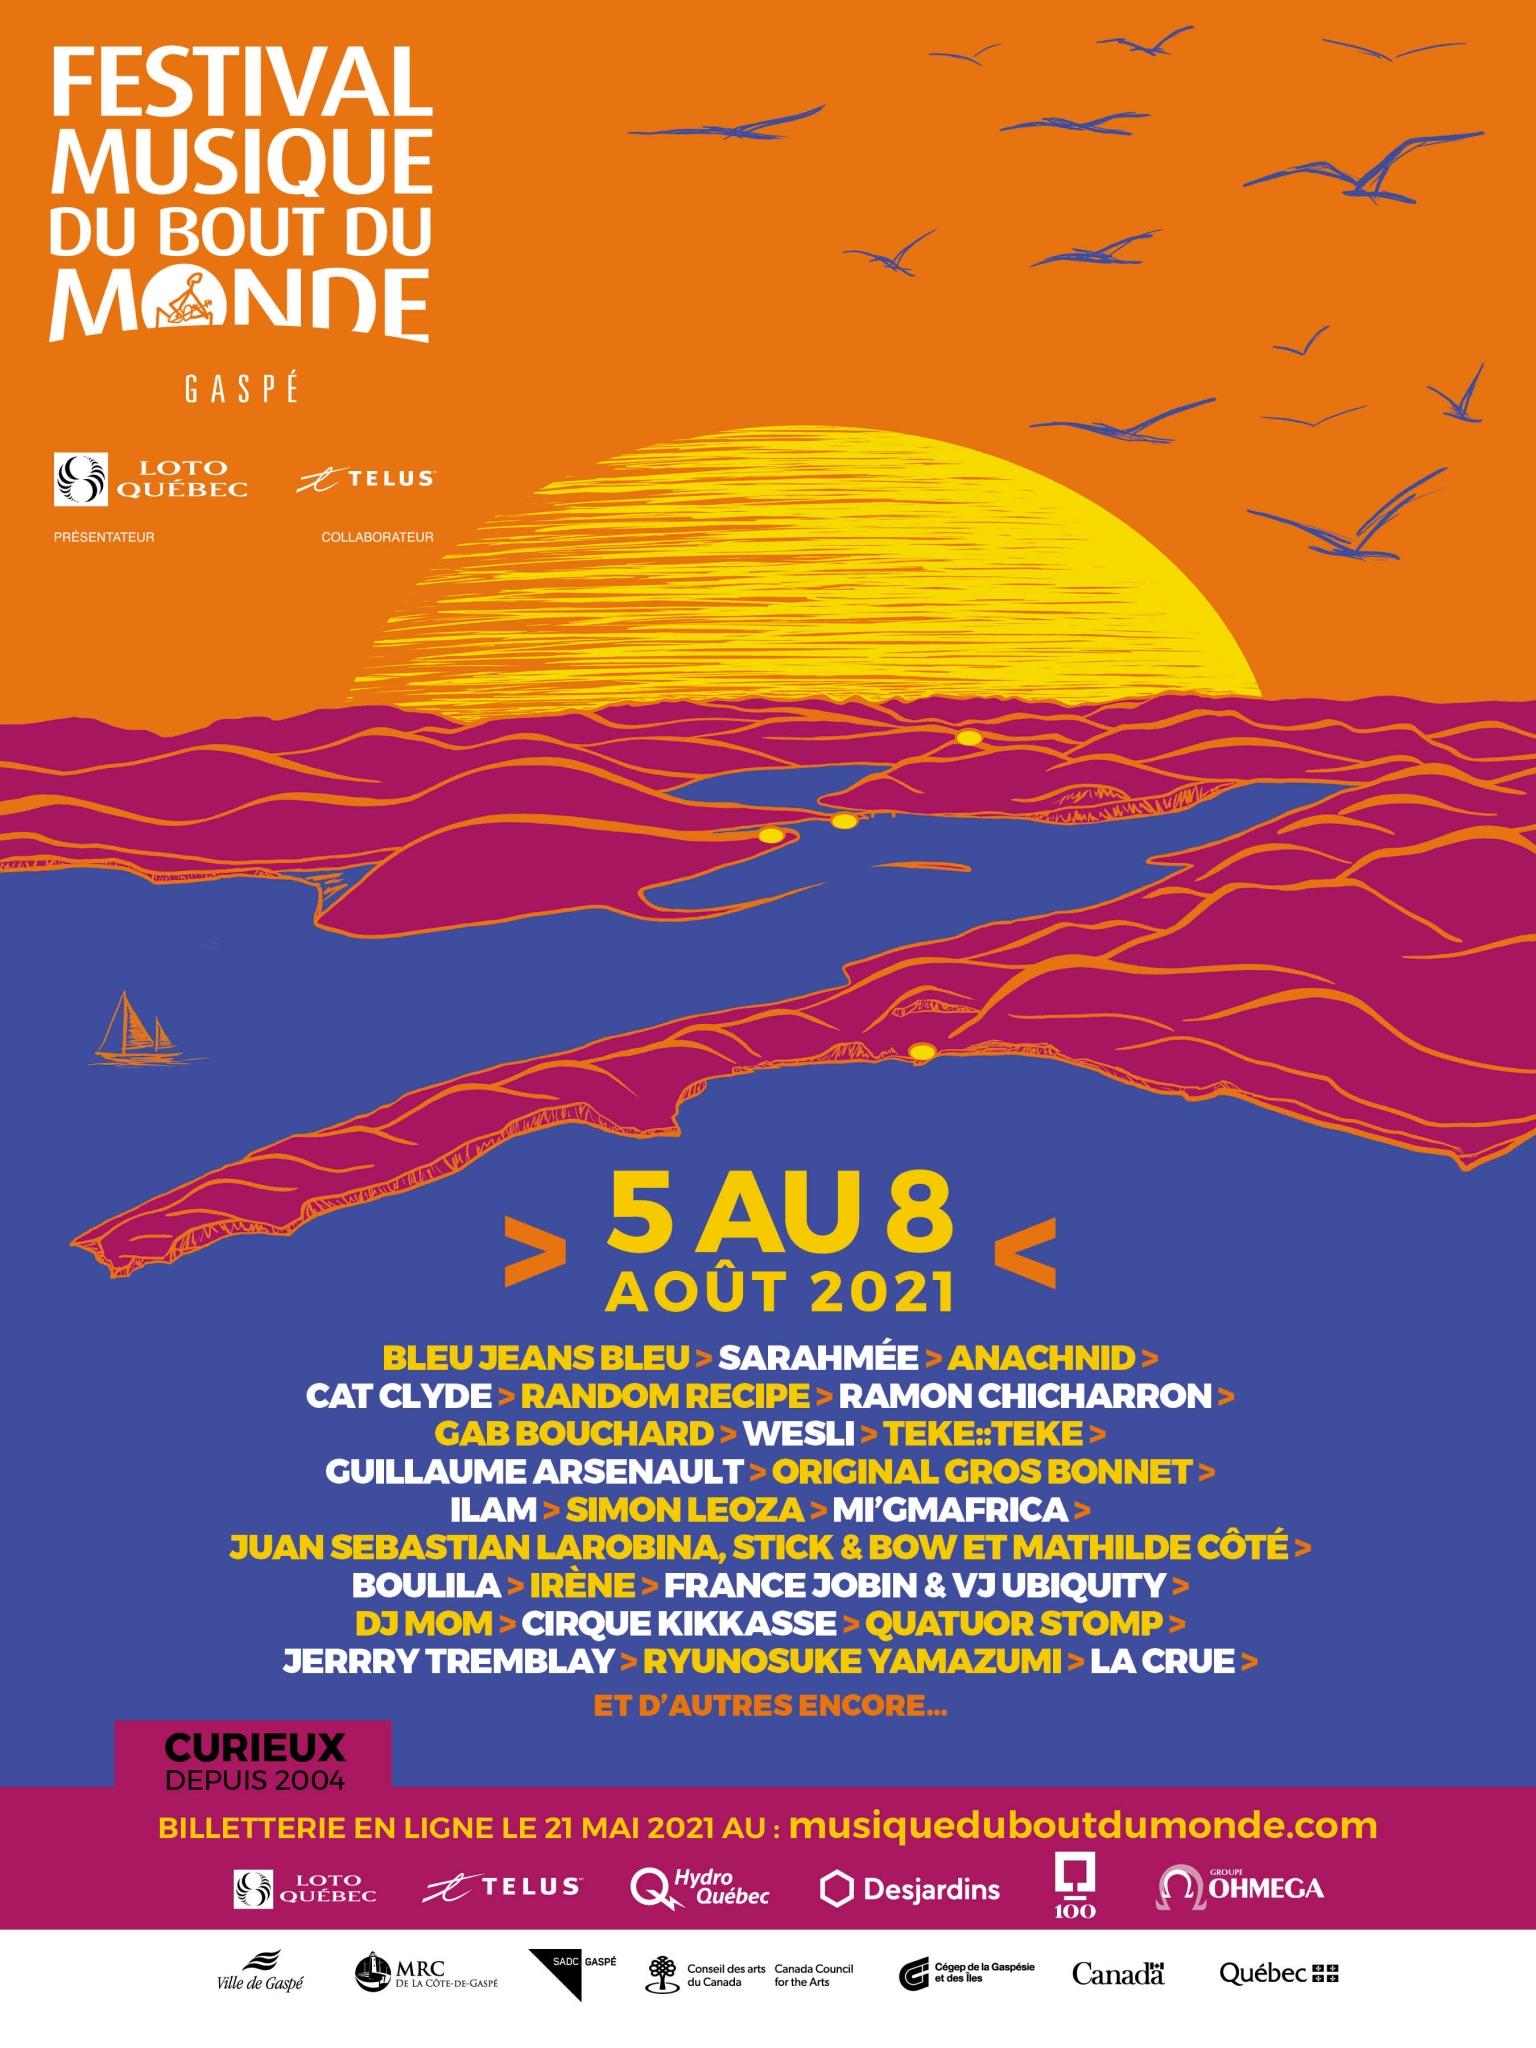 Festival de musique Au Bout du Monde